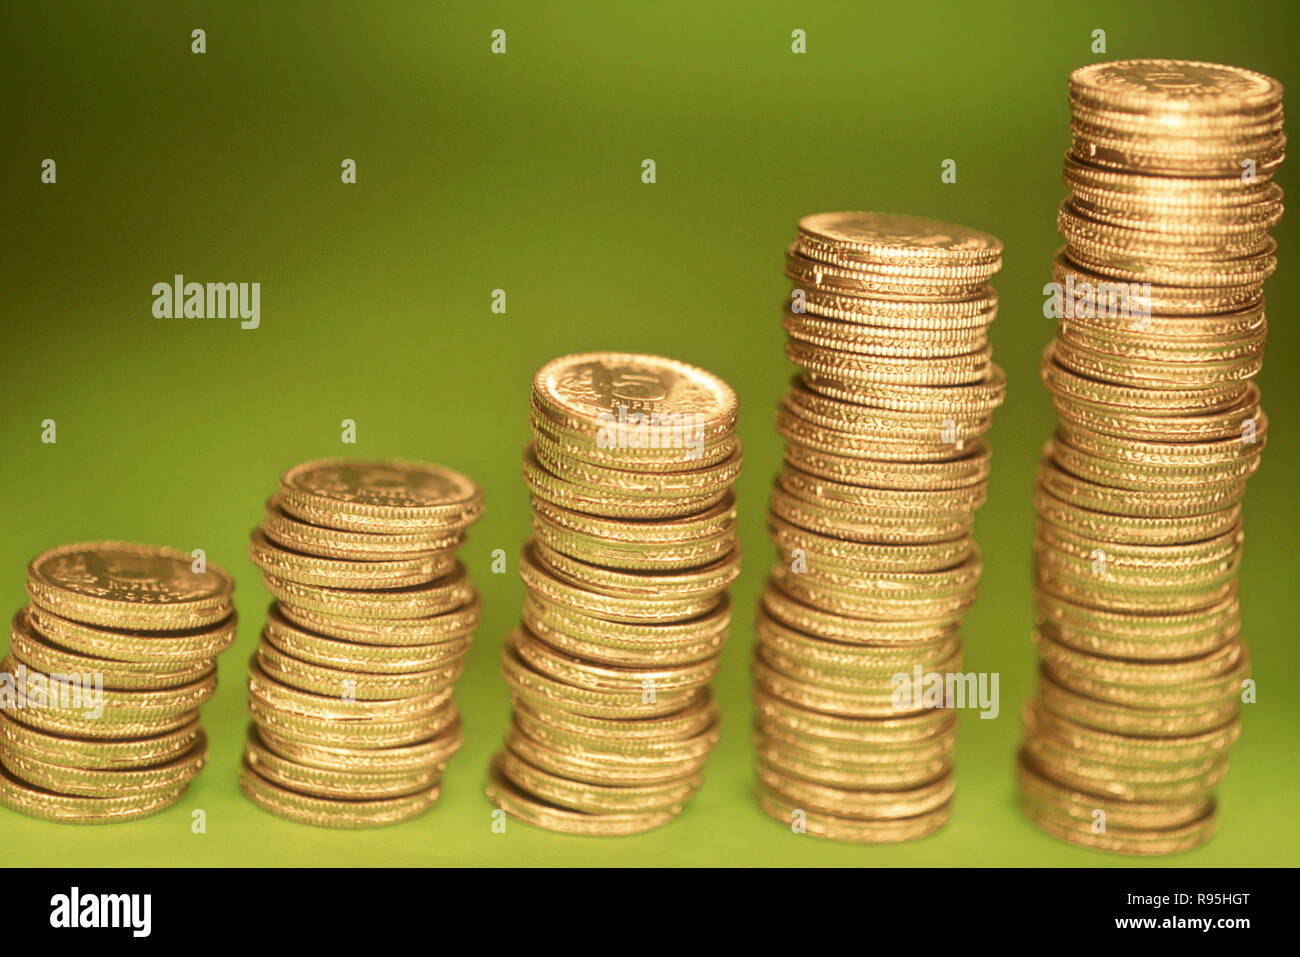 Concepto, monedas de plata, el crecimiento Imagen De Stock